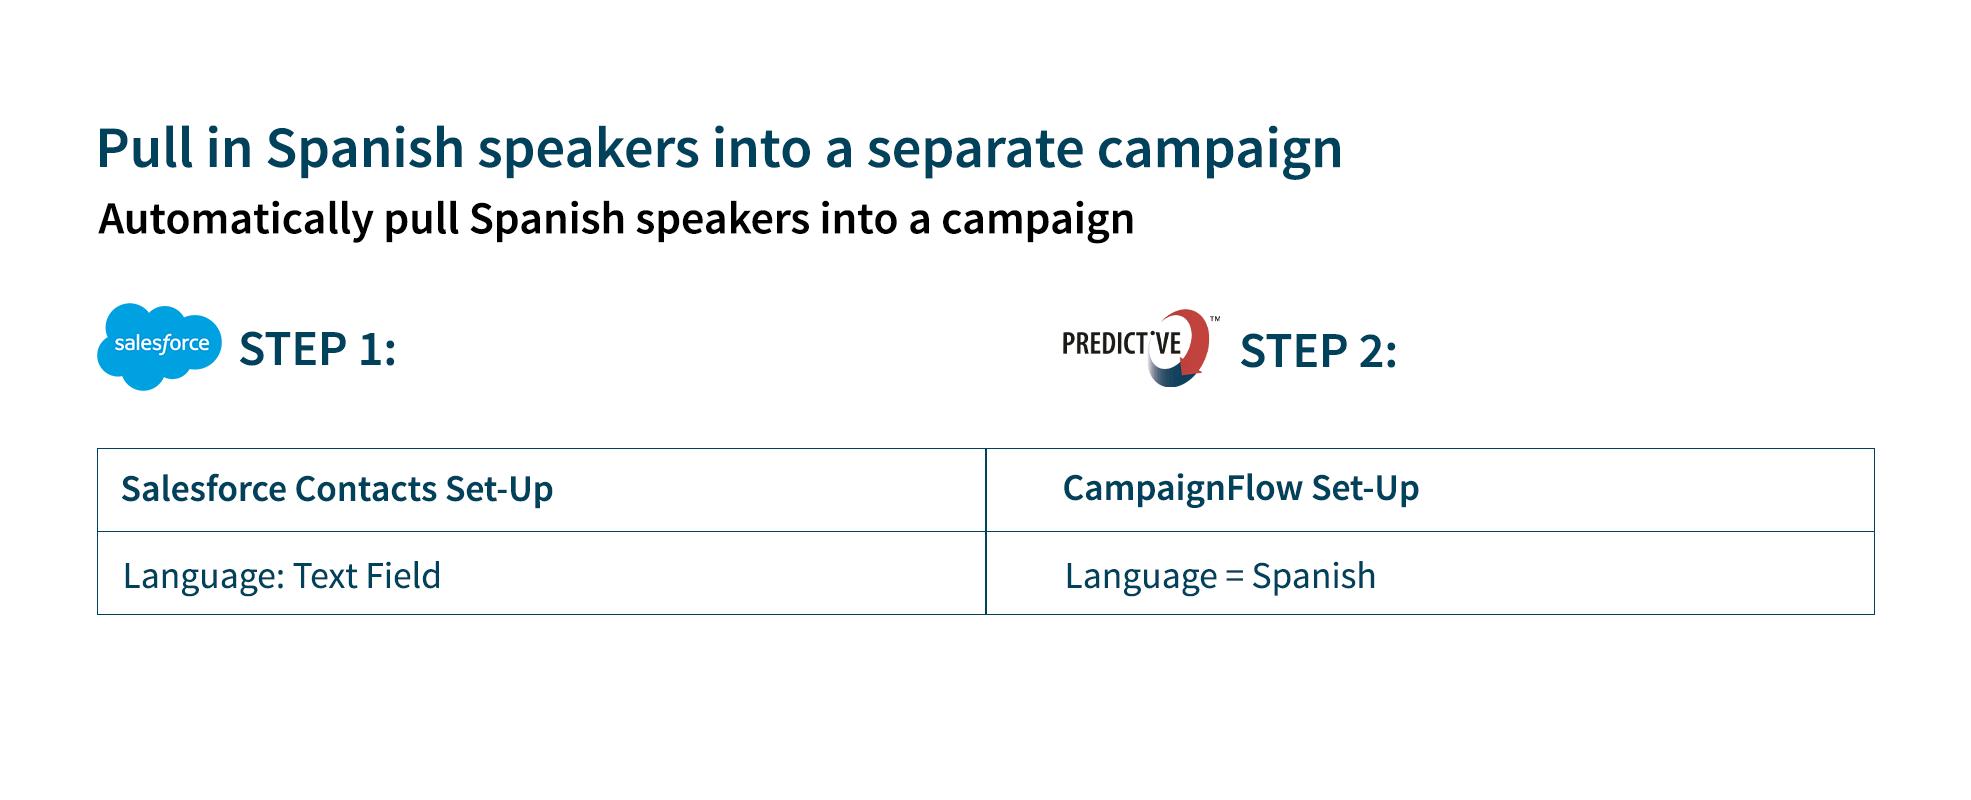 email segmentation based on language